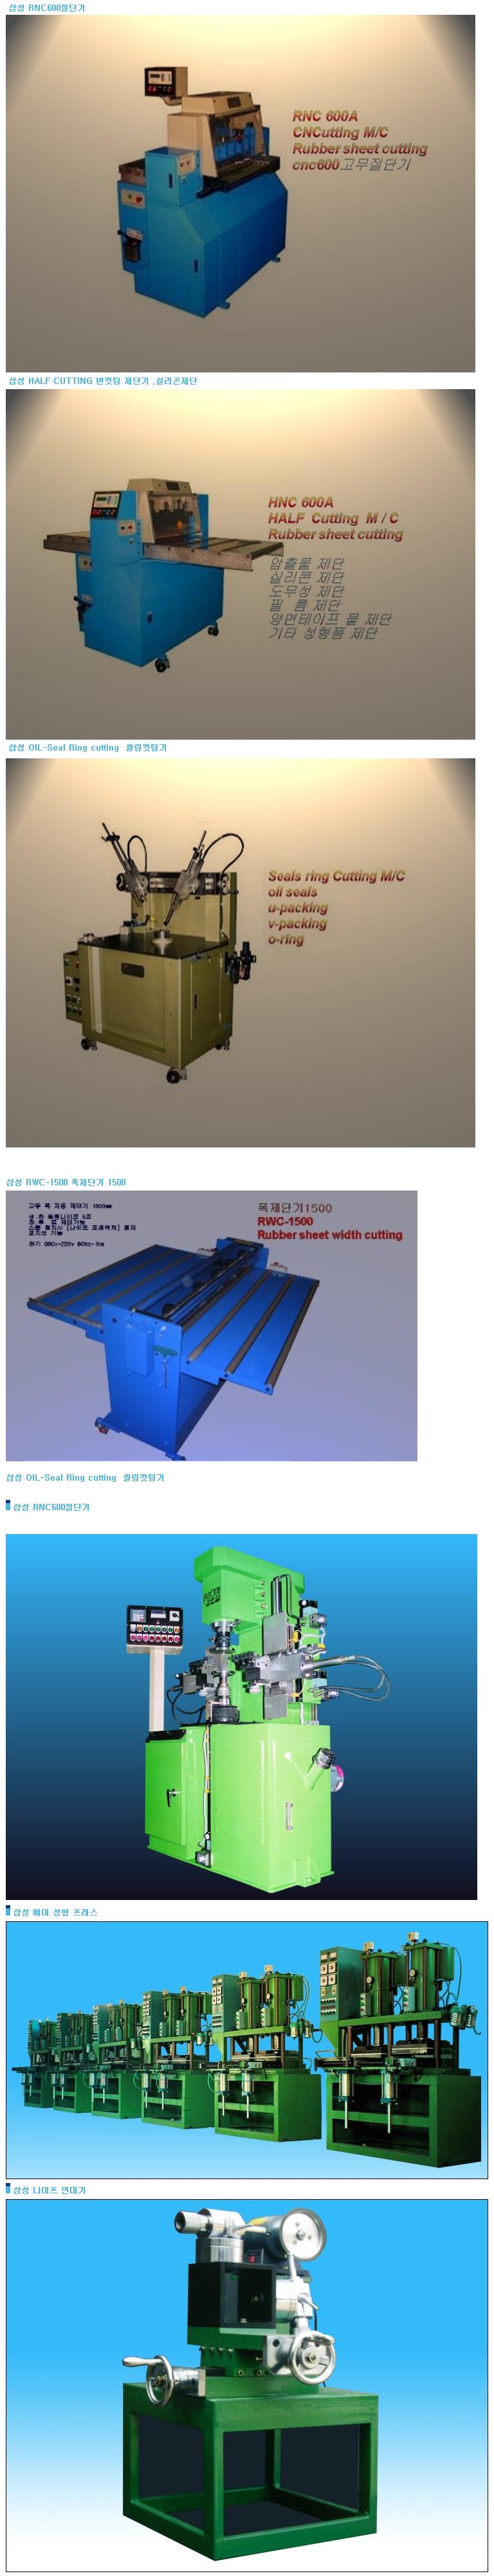 삼성기계 기타 제품